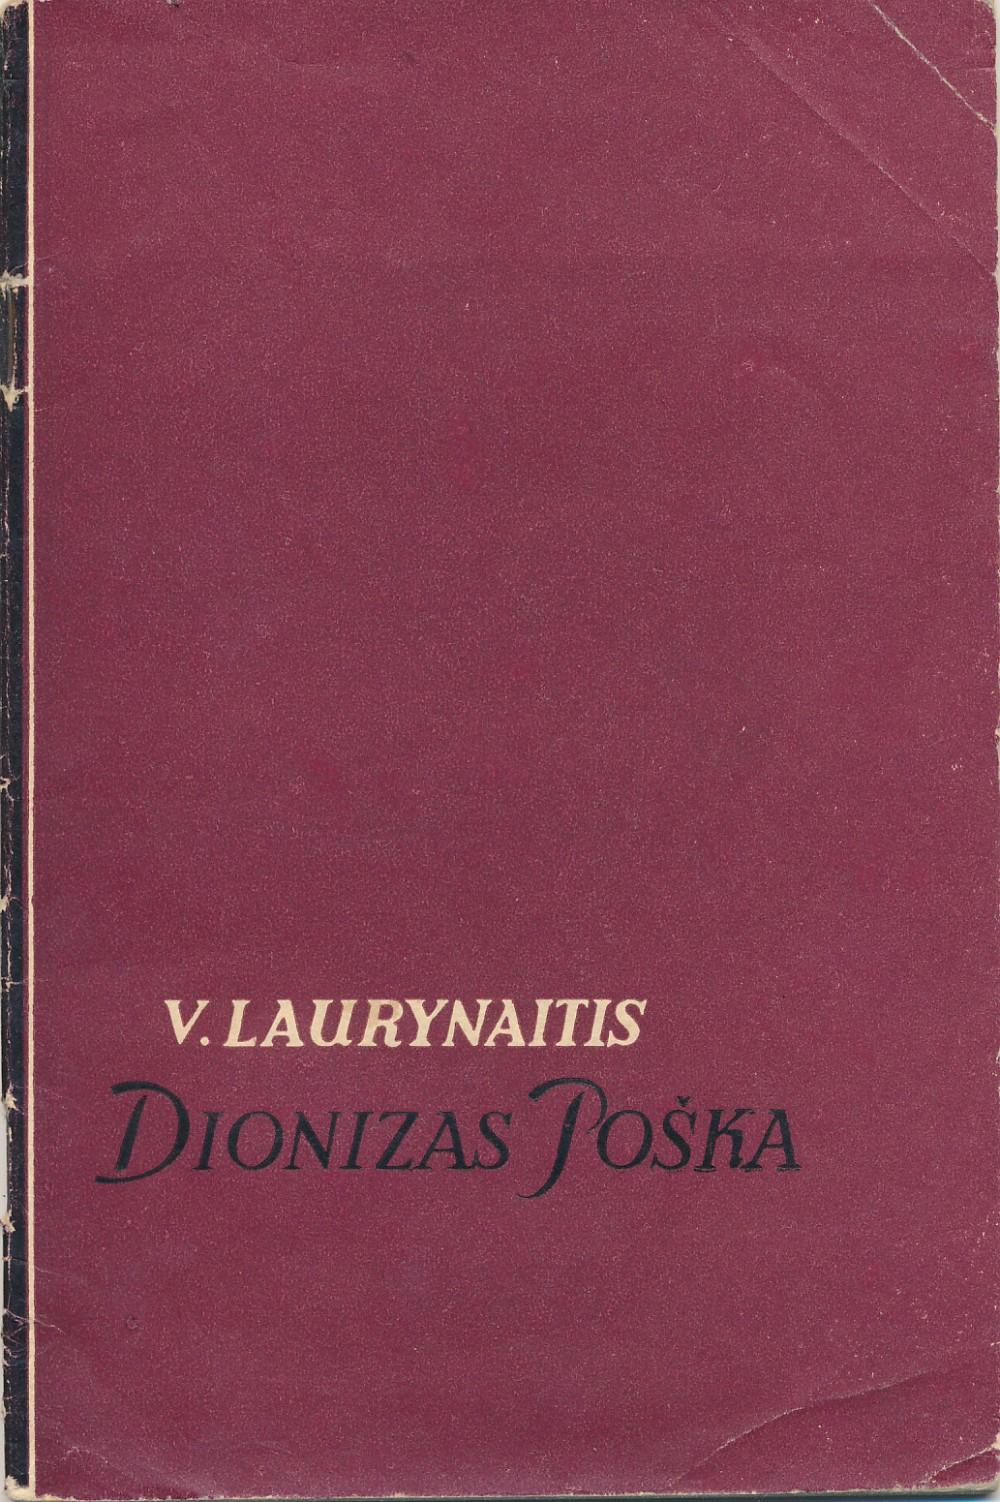 Valstybinė politinės ir mokslinės literatūros leidykla. Vilnius. 1959 m.